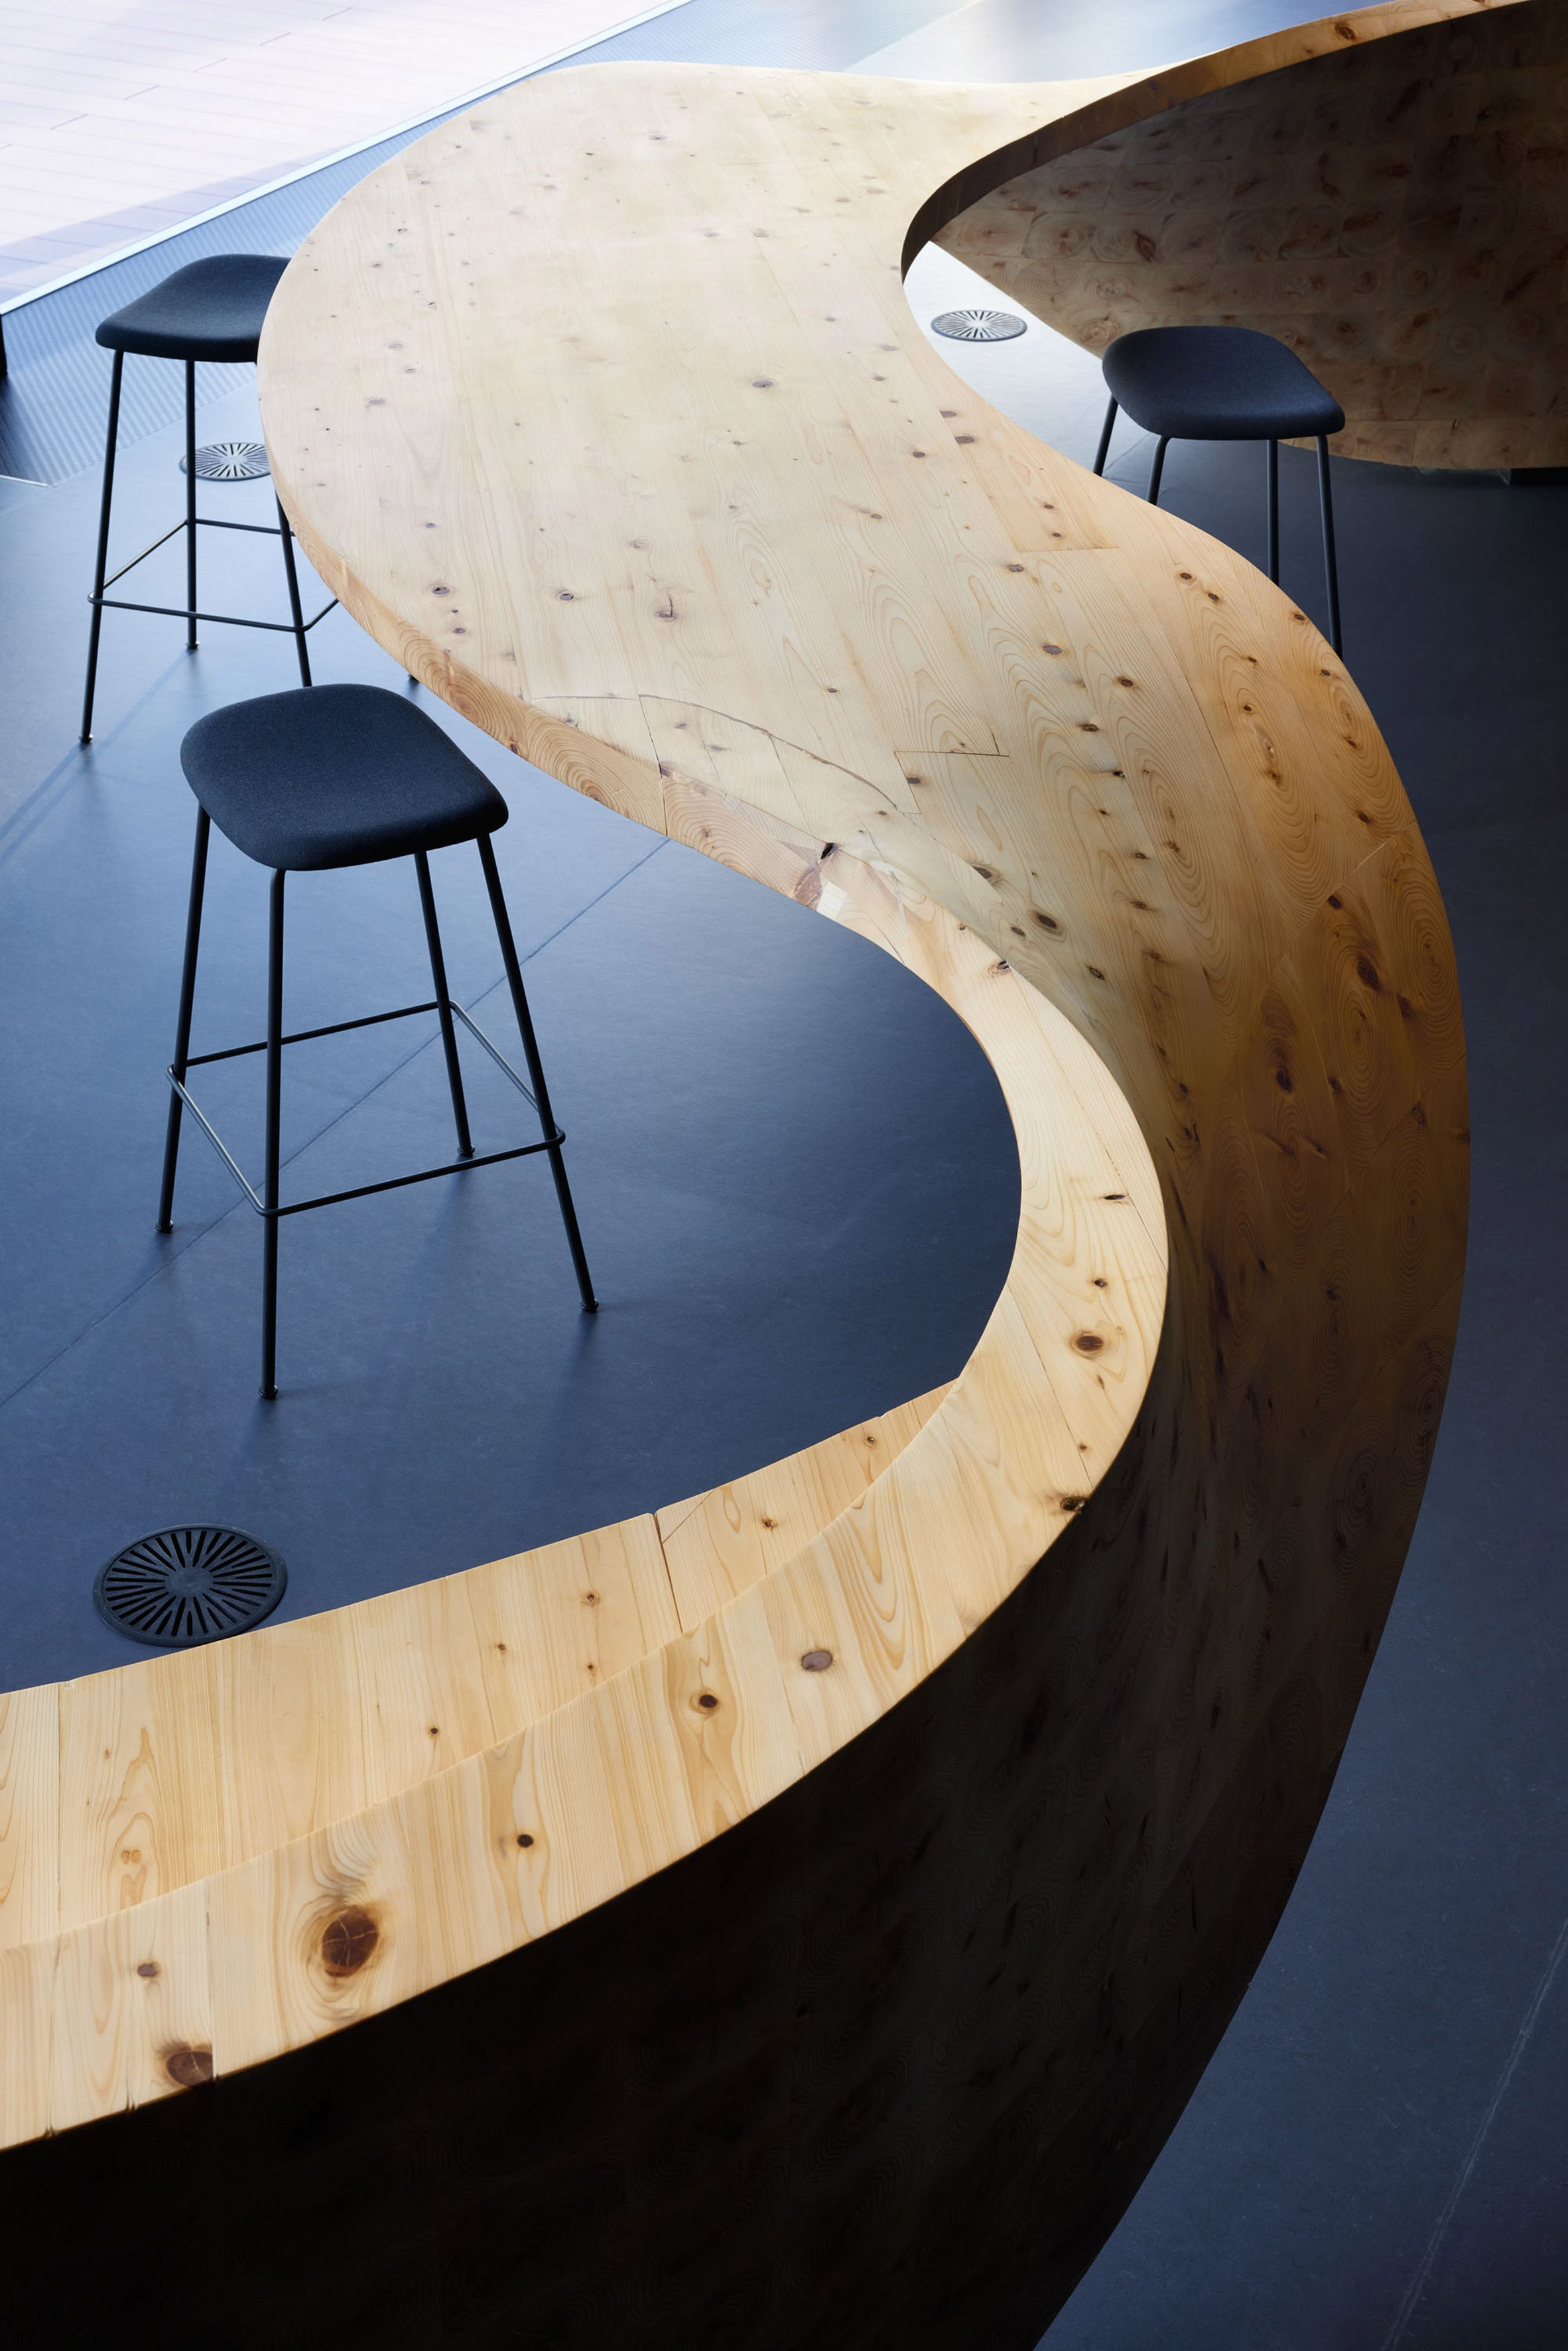 Деревянная супер мебель в коворкинге Pangea от Snøhetta для Digital Garage